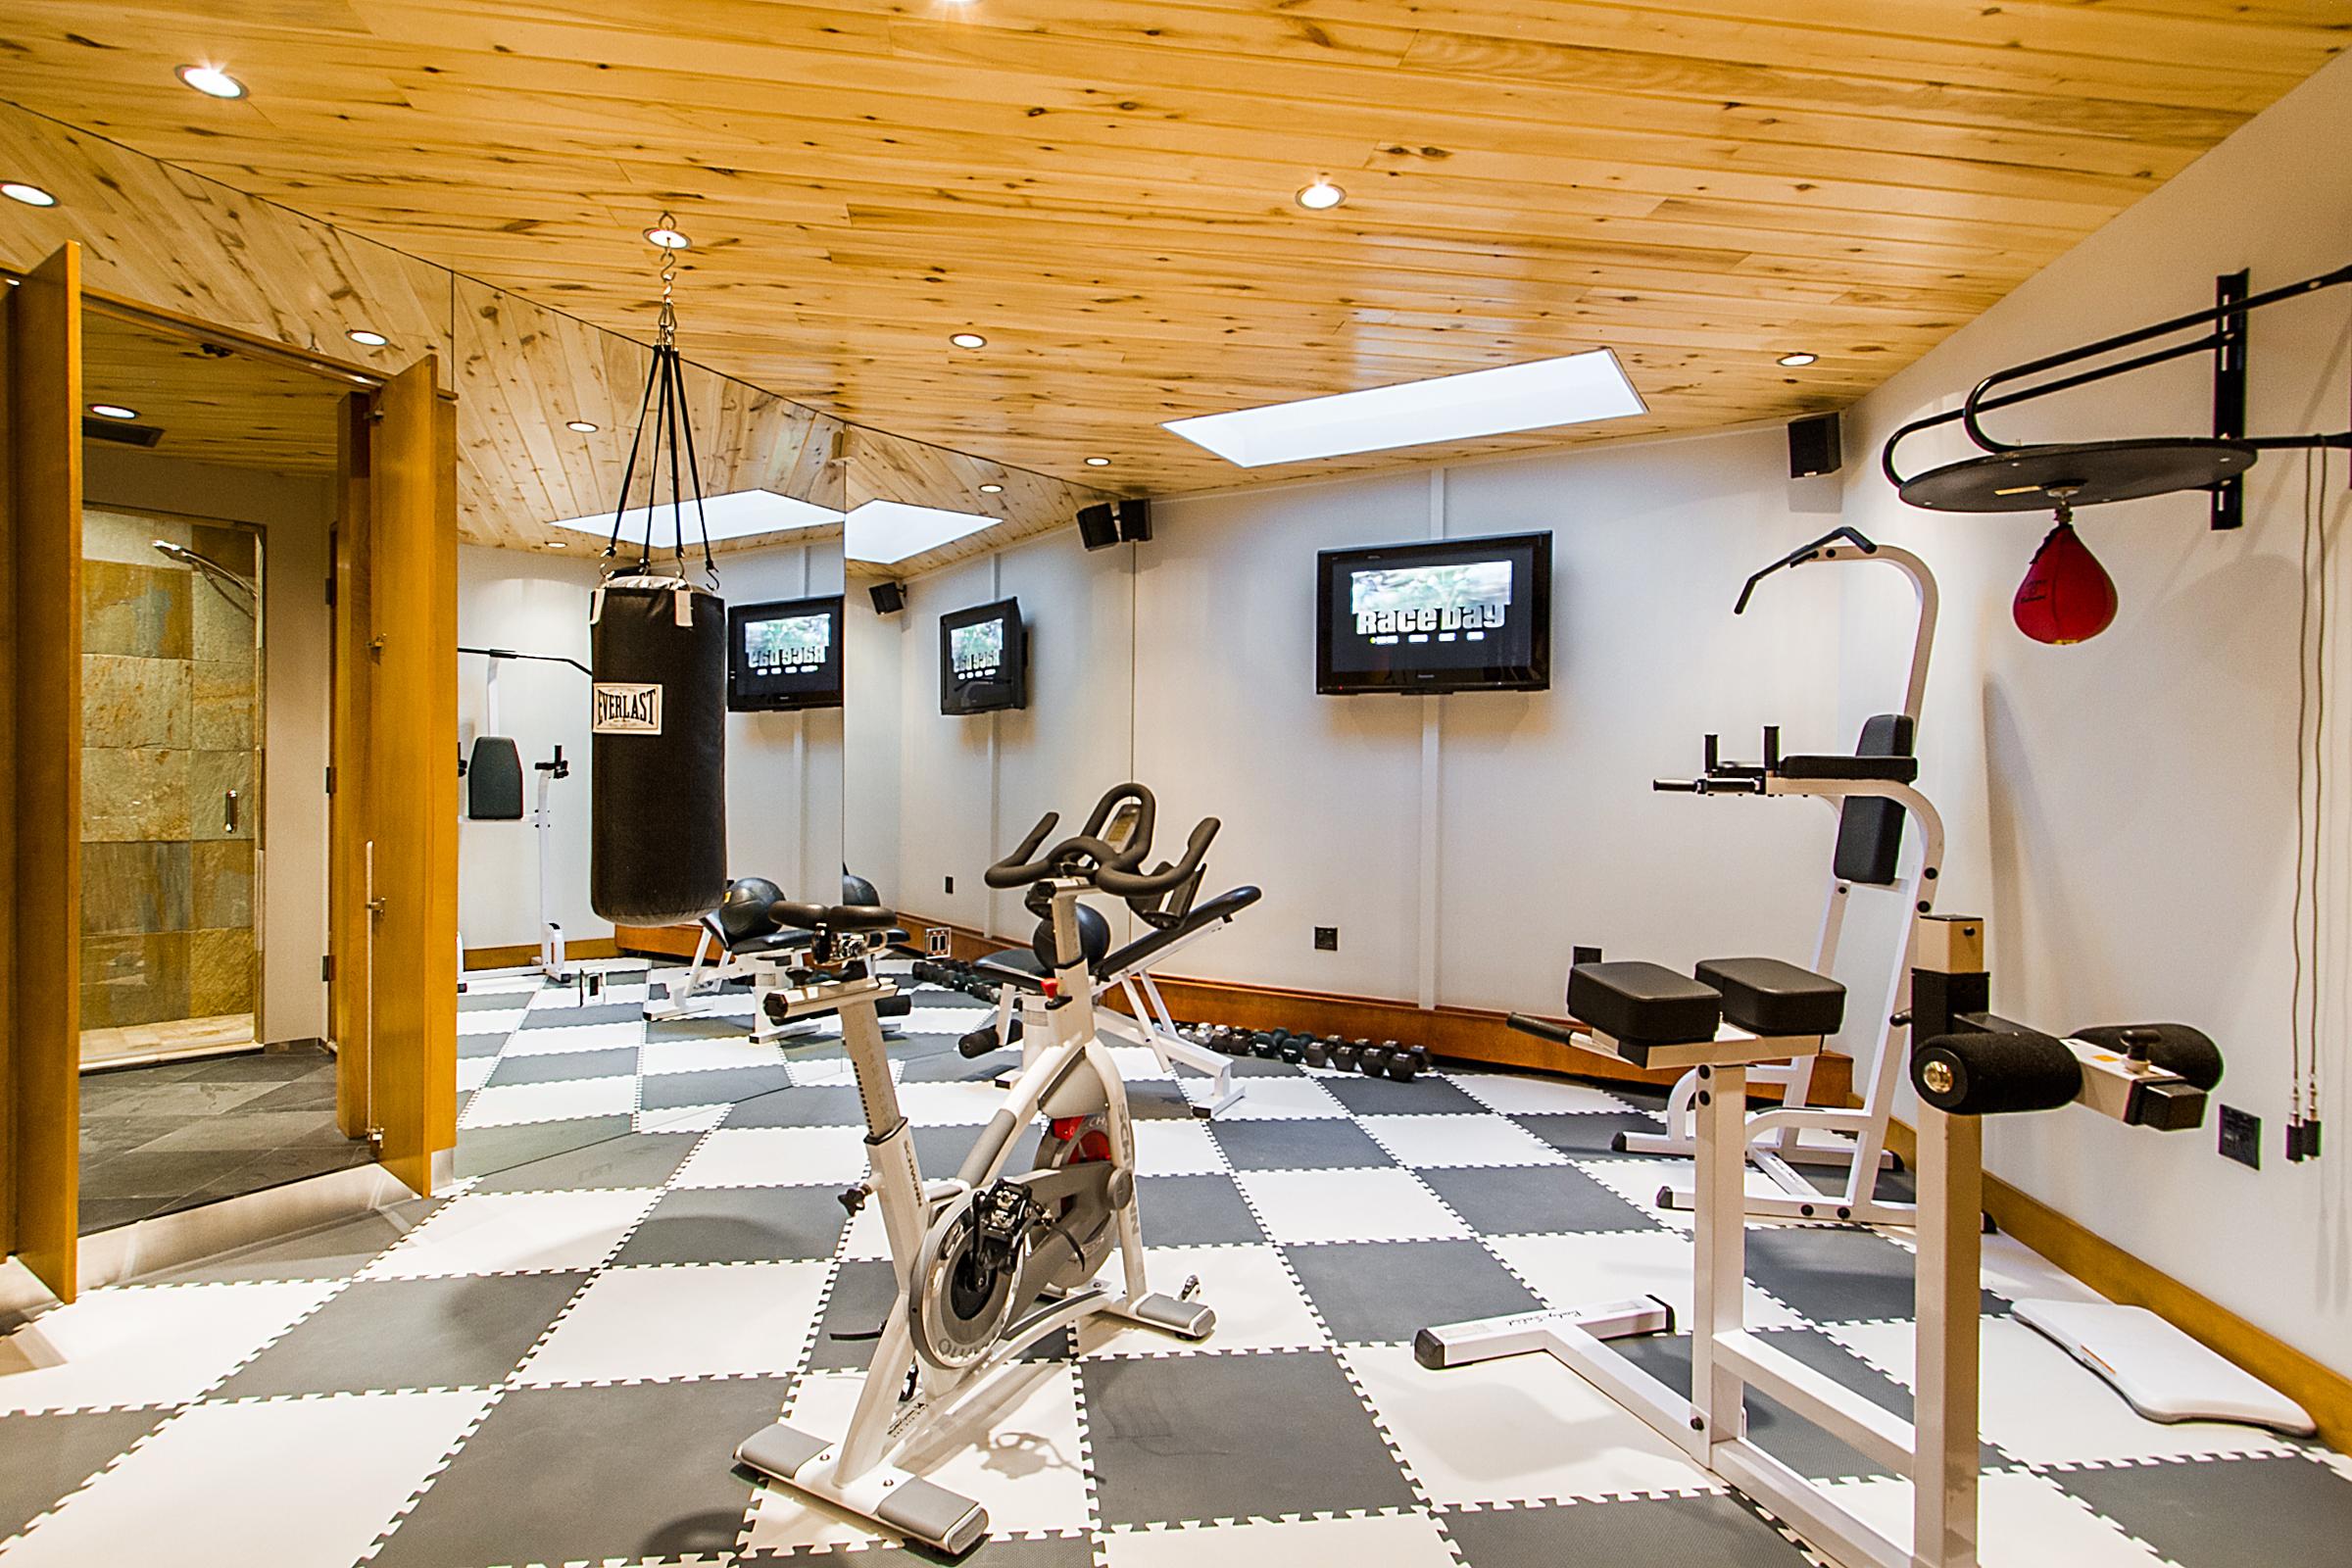 1338990_Workout-Room_high.jpg